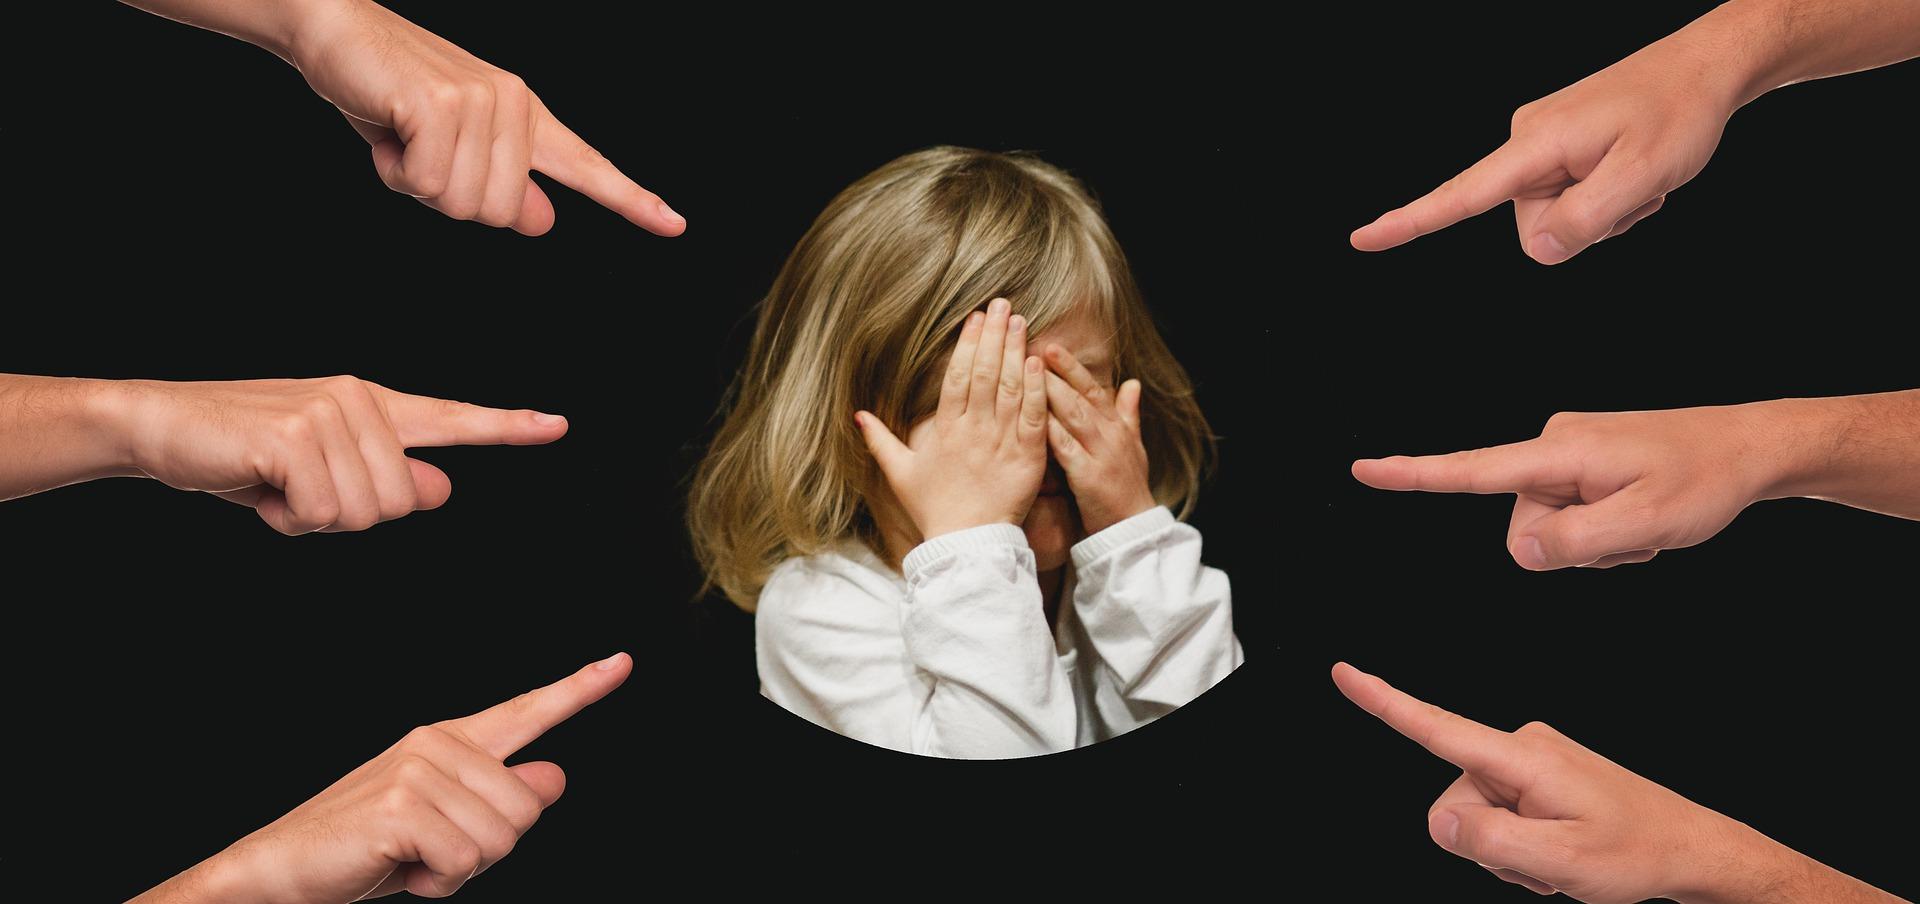 責められている子供の画像